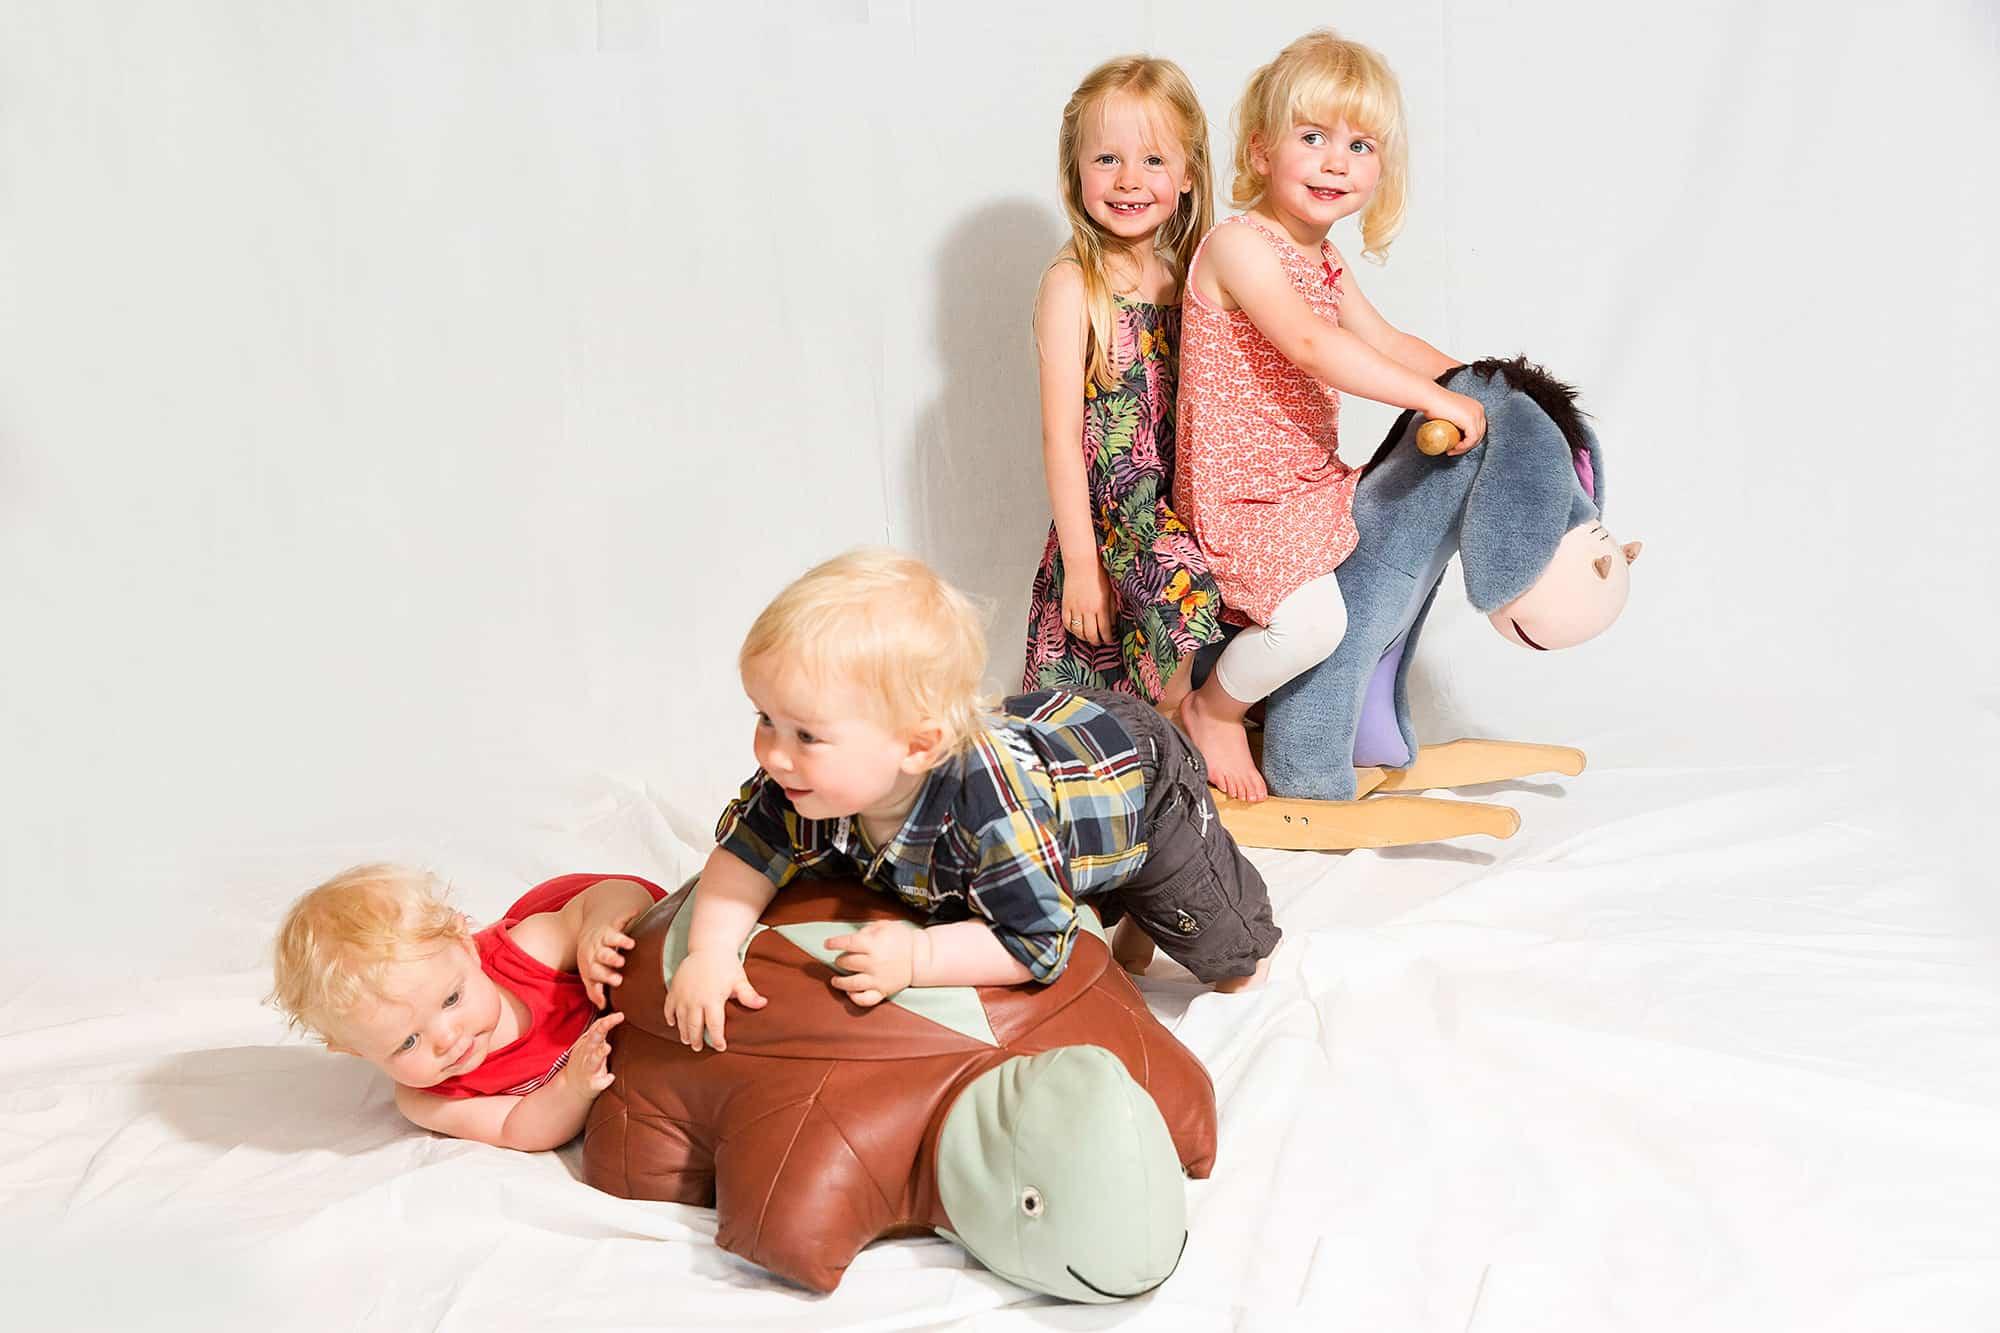 kinderfotografie portret fotostudio aan huis Nieuw-Vennep